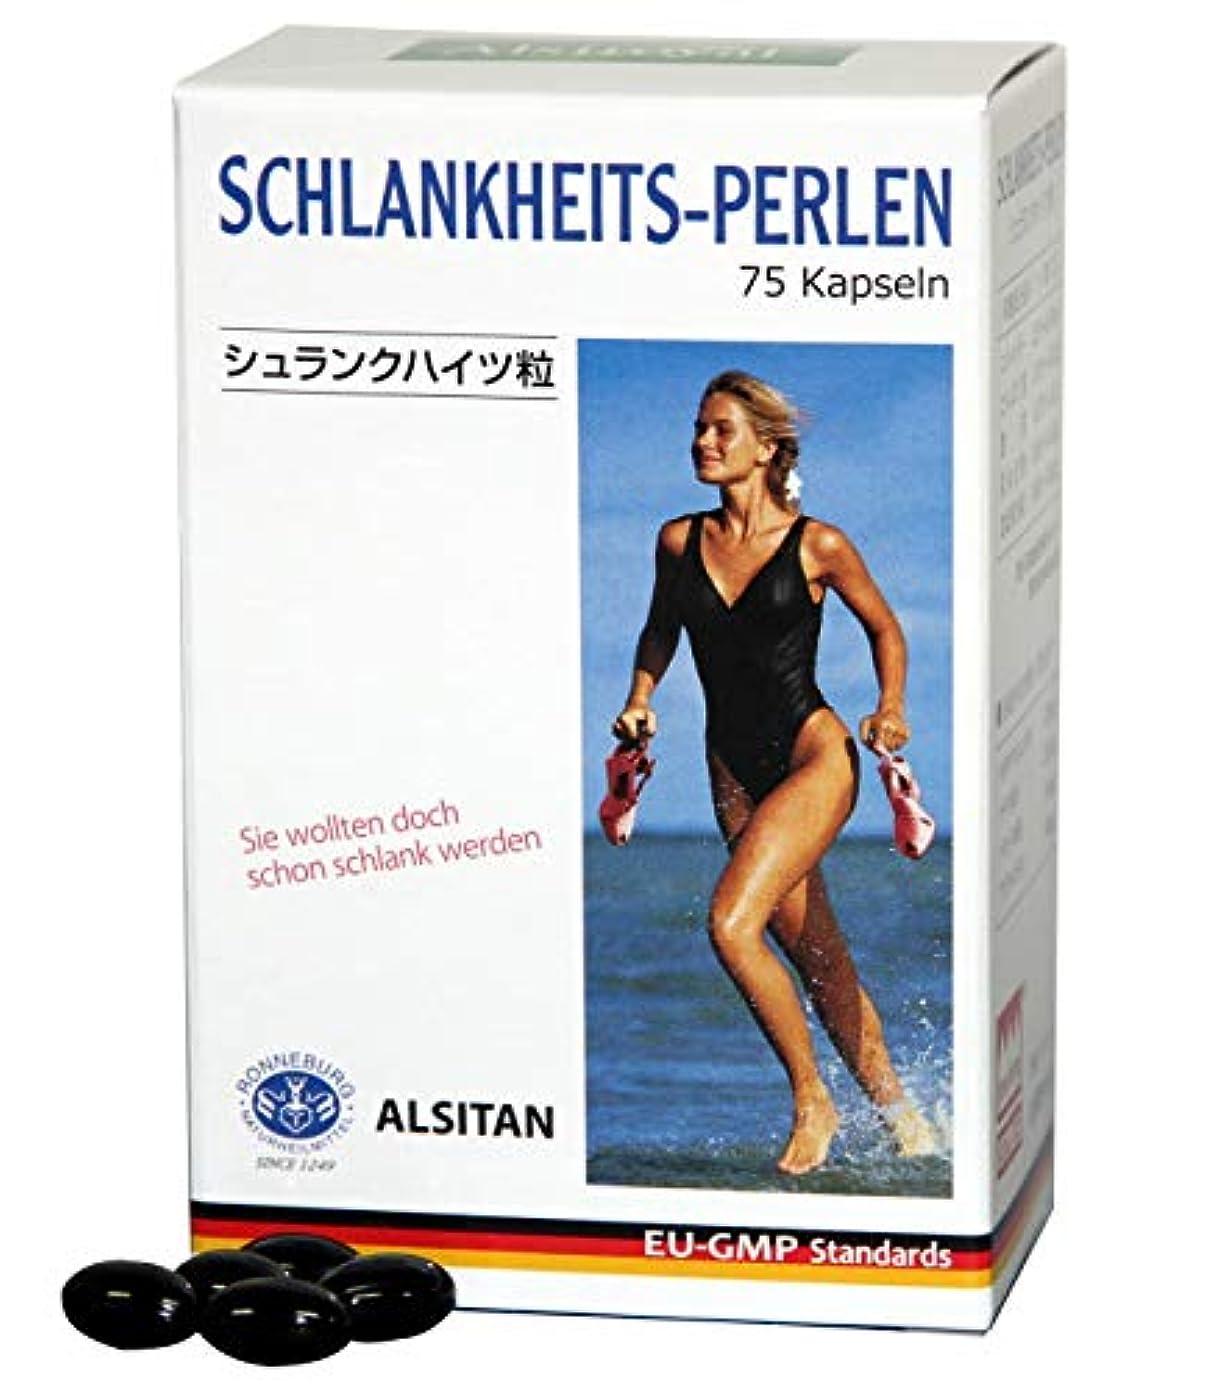 ベスビオ山横向き陰謀シュランクハイツ粒 75粒 ダイエットサプリメント ドイツレホルム製品